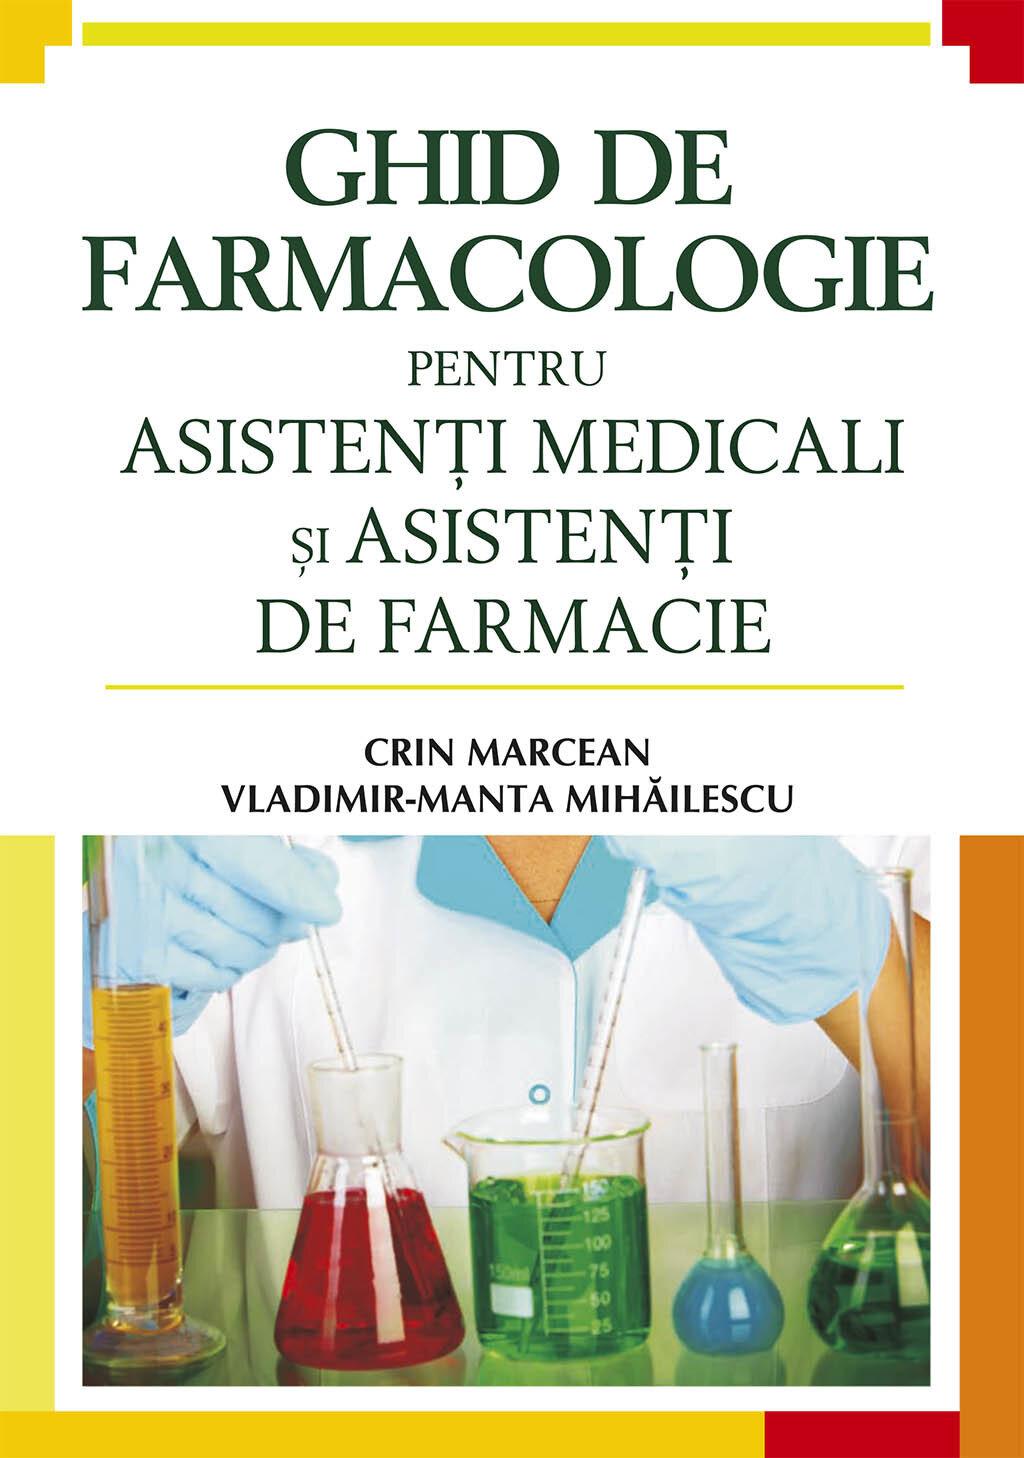 Ghid de farmacologie pentru asistenti medicali si asistenti de farmacie (eBook)